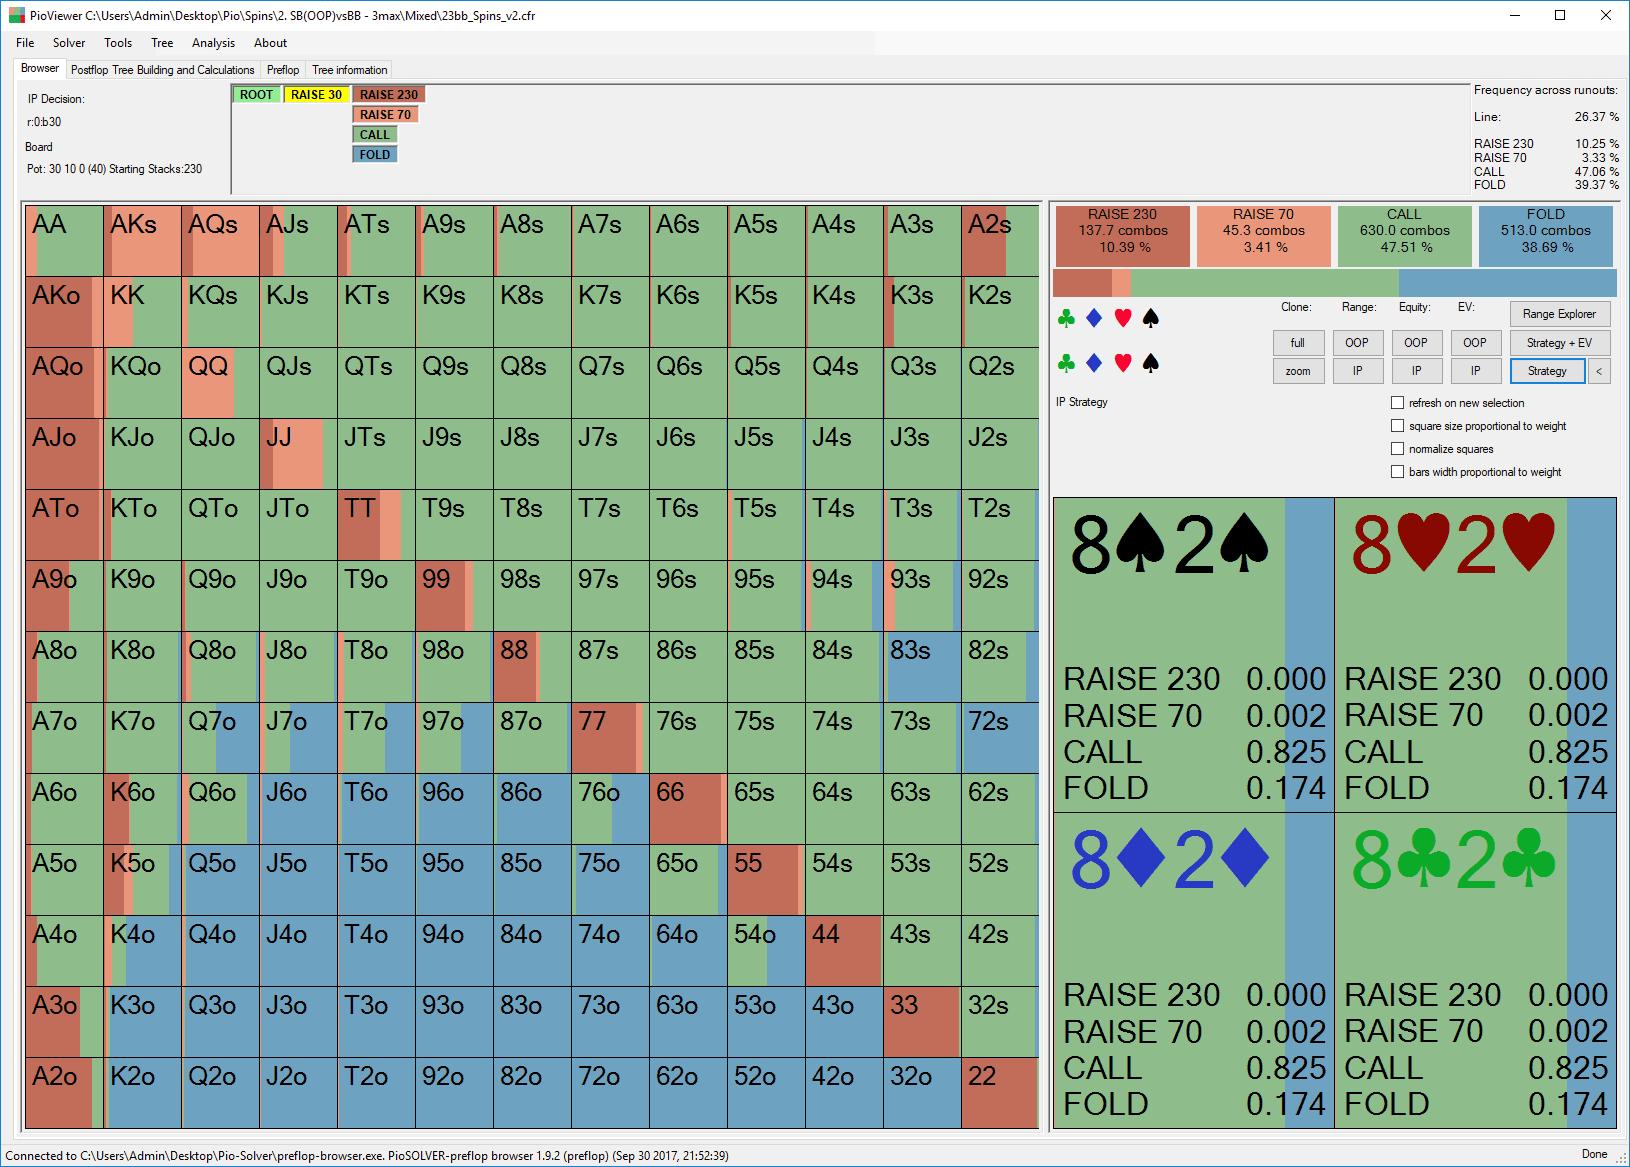 BB vs SB-3x 25-21BB